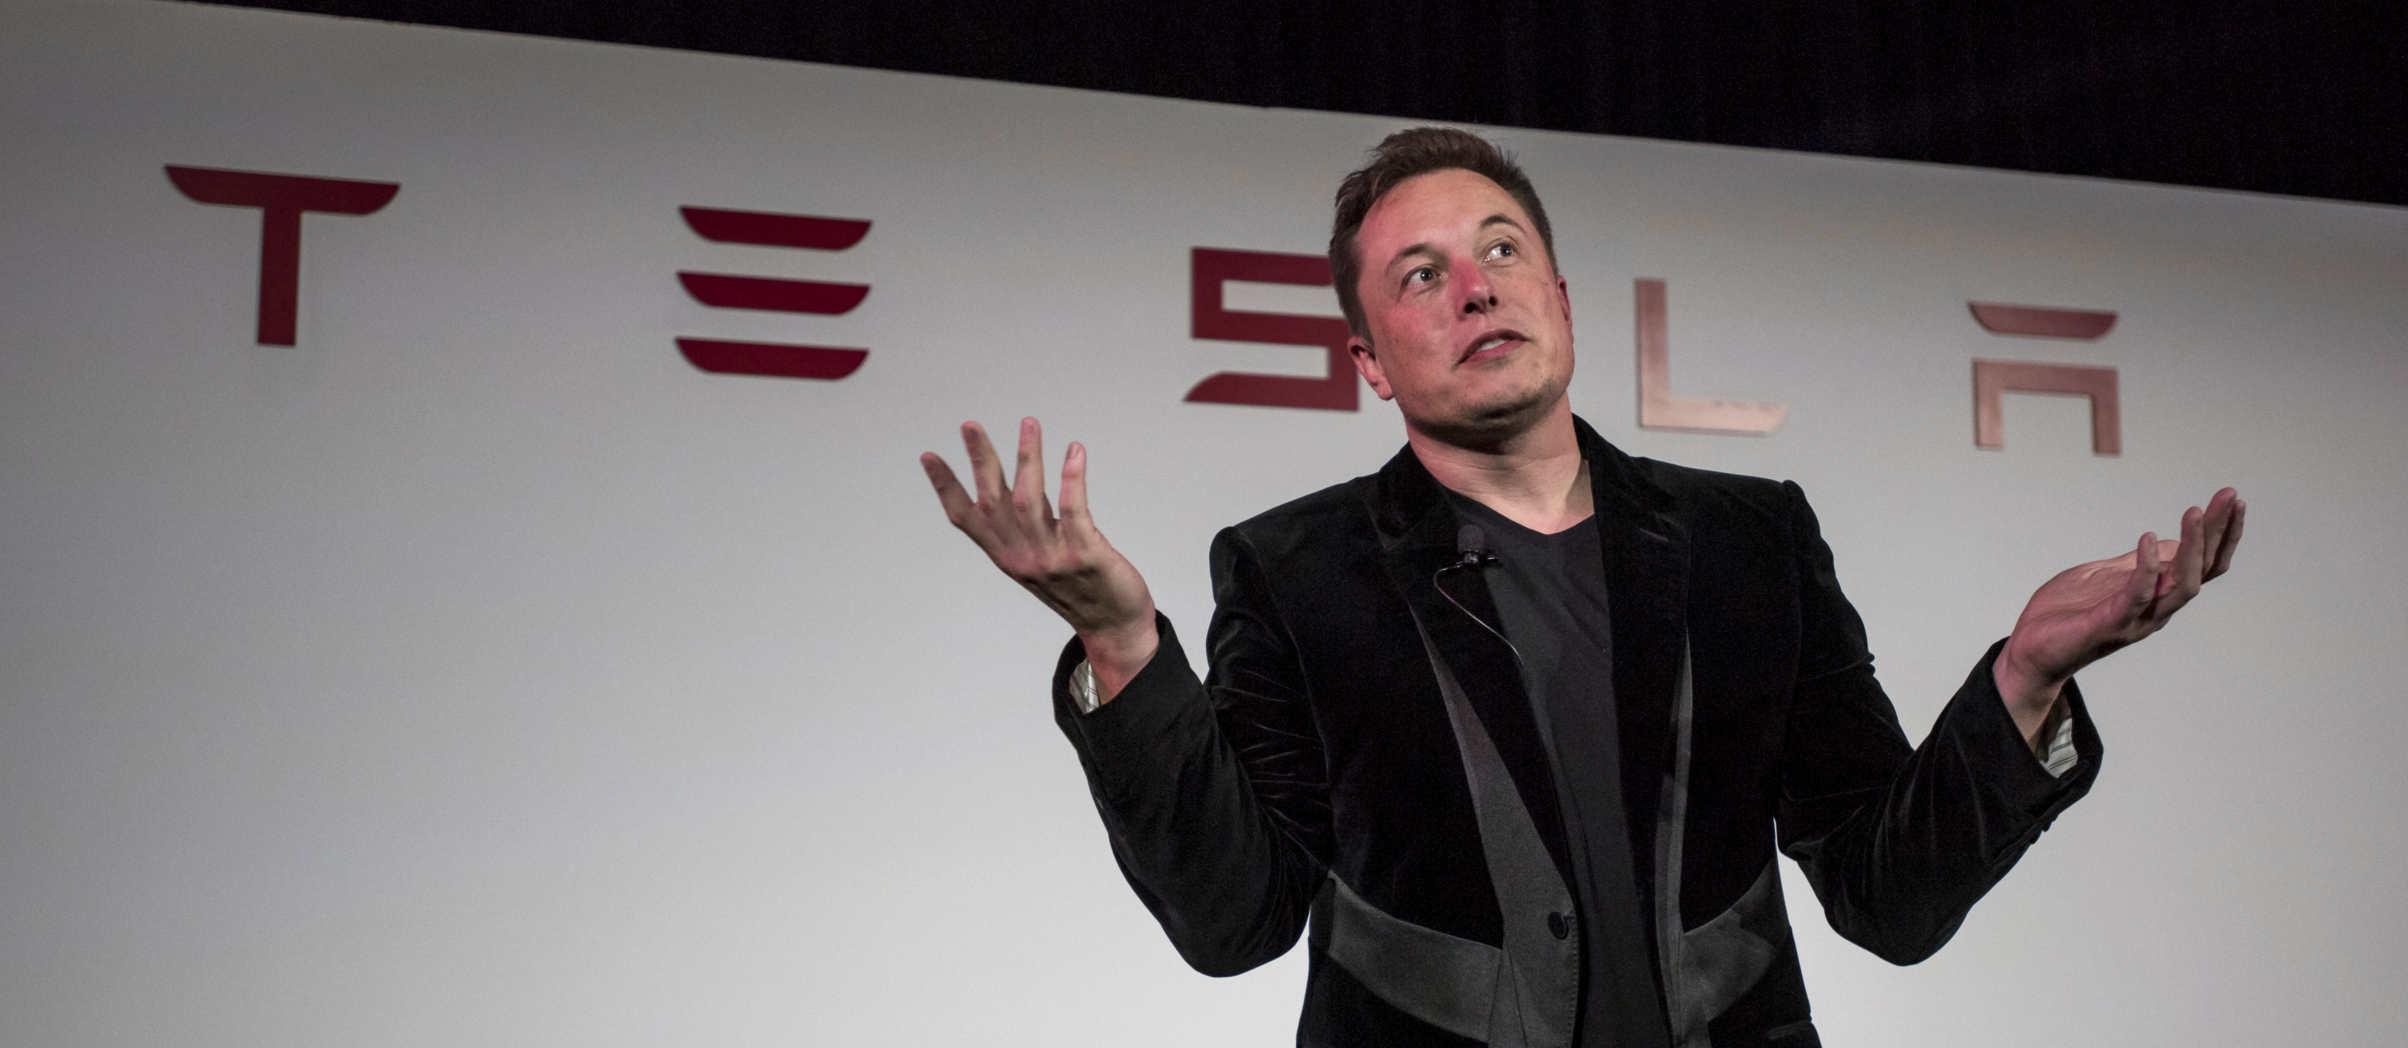 Tesla deve aceitar dogecoin como pagamento? Elon Musk abre enquete